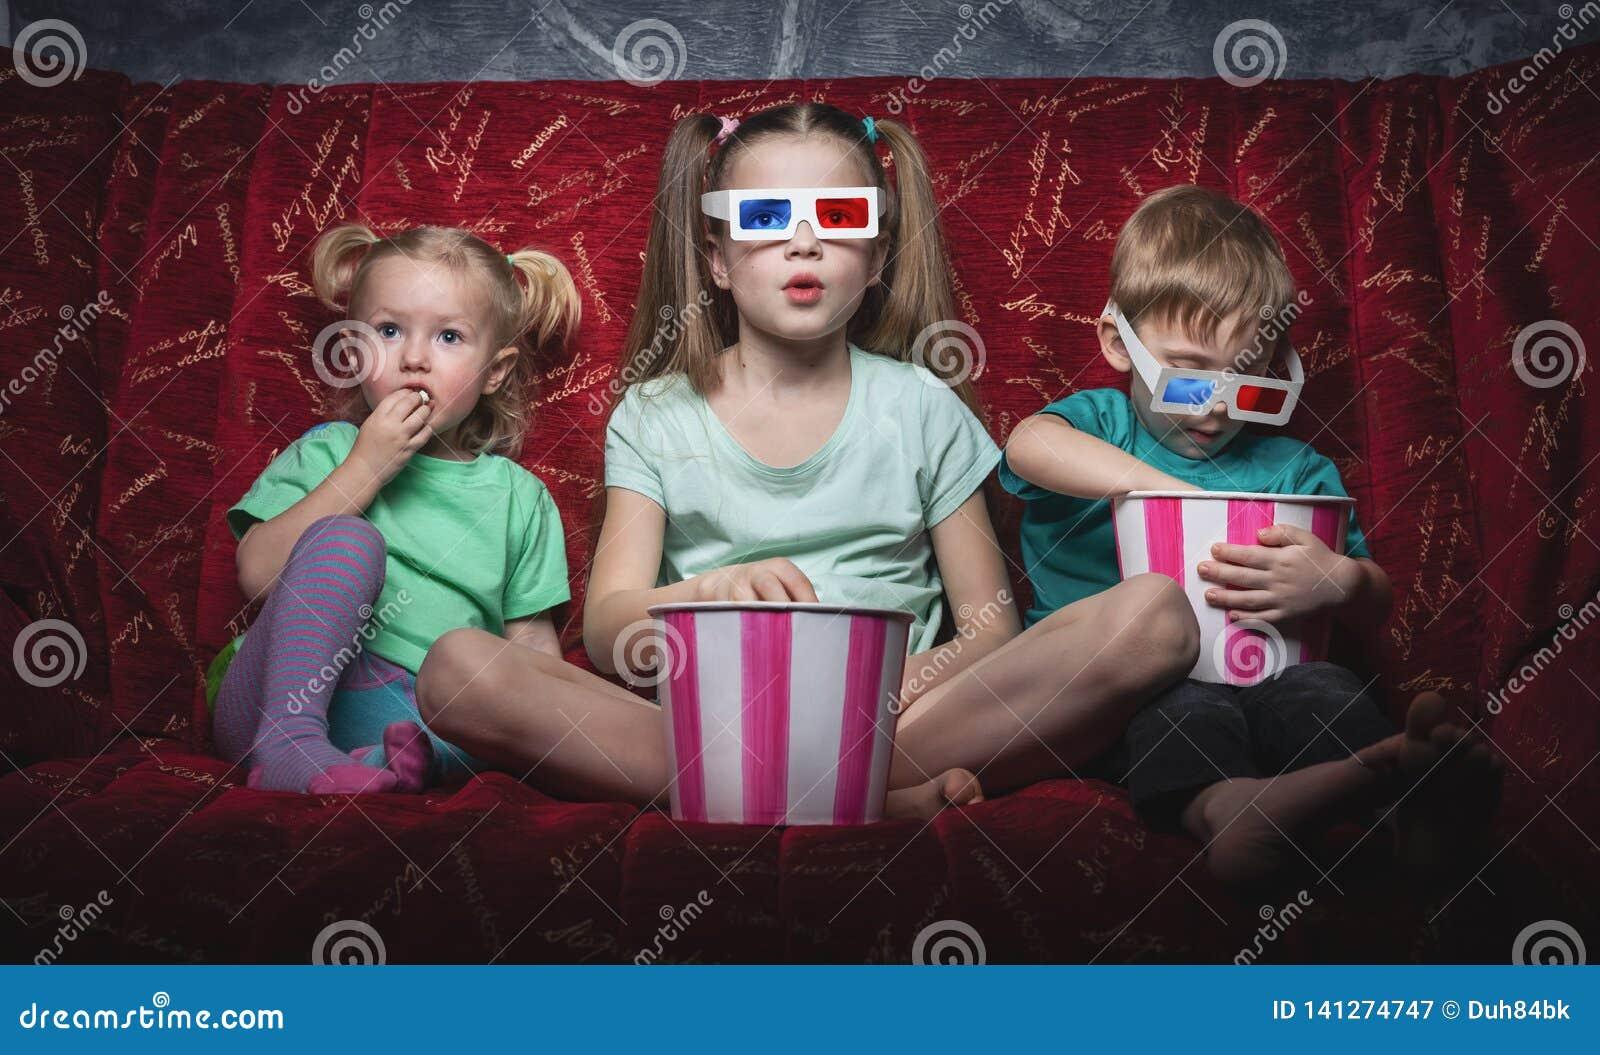 Кино детей: Дети сидят на красной софе и смотрят фильм 3D